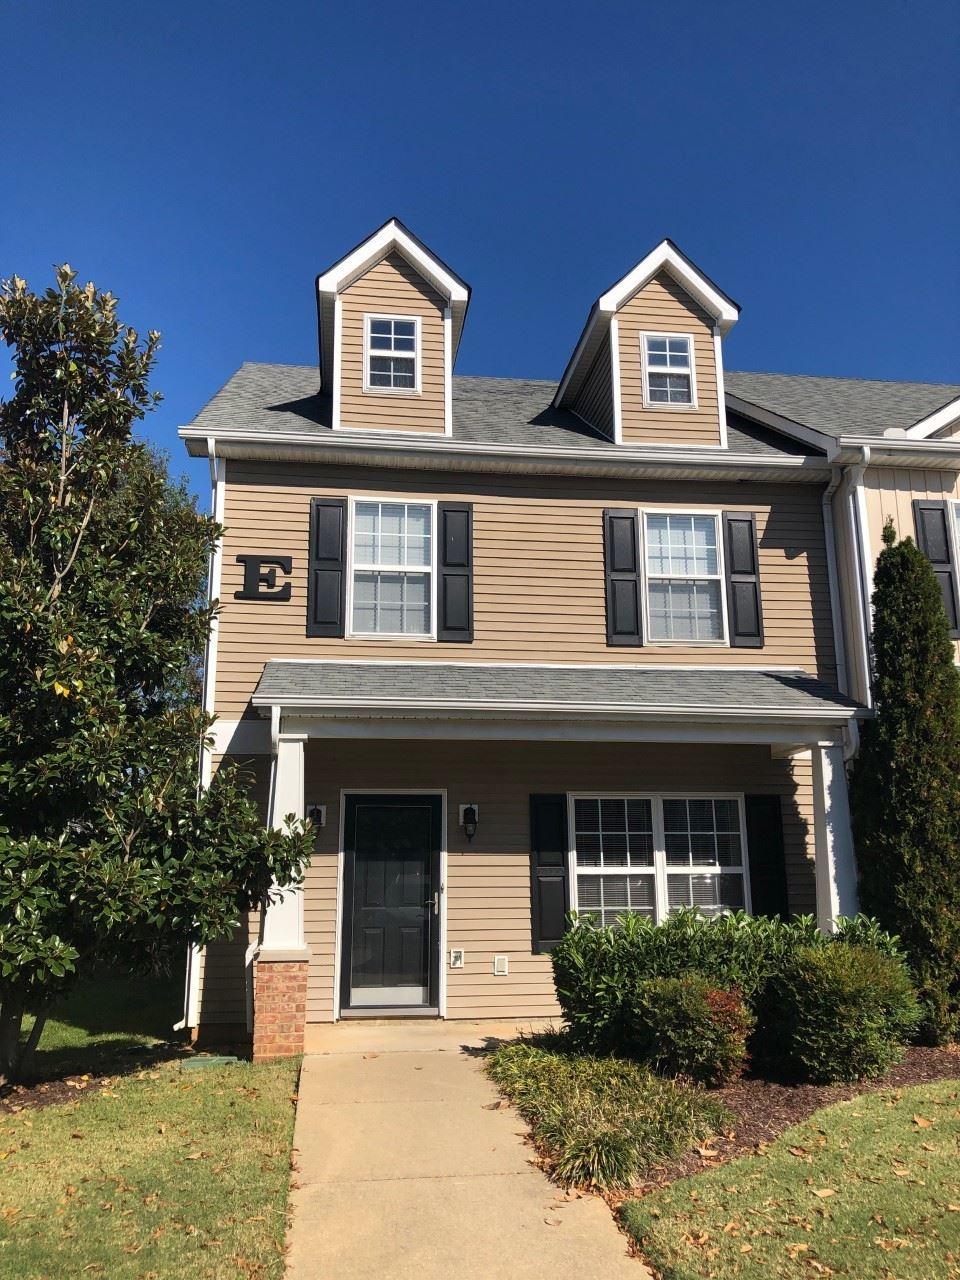 284 Meigs #E 35, Murfreesboro, TN 37128 - MLS#: 2293705